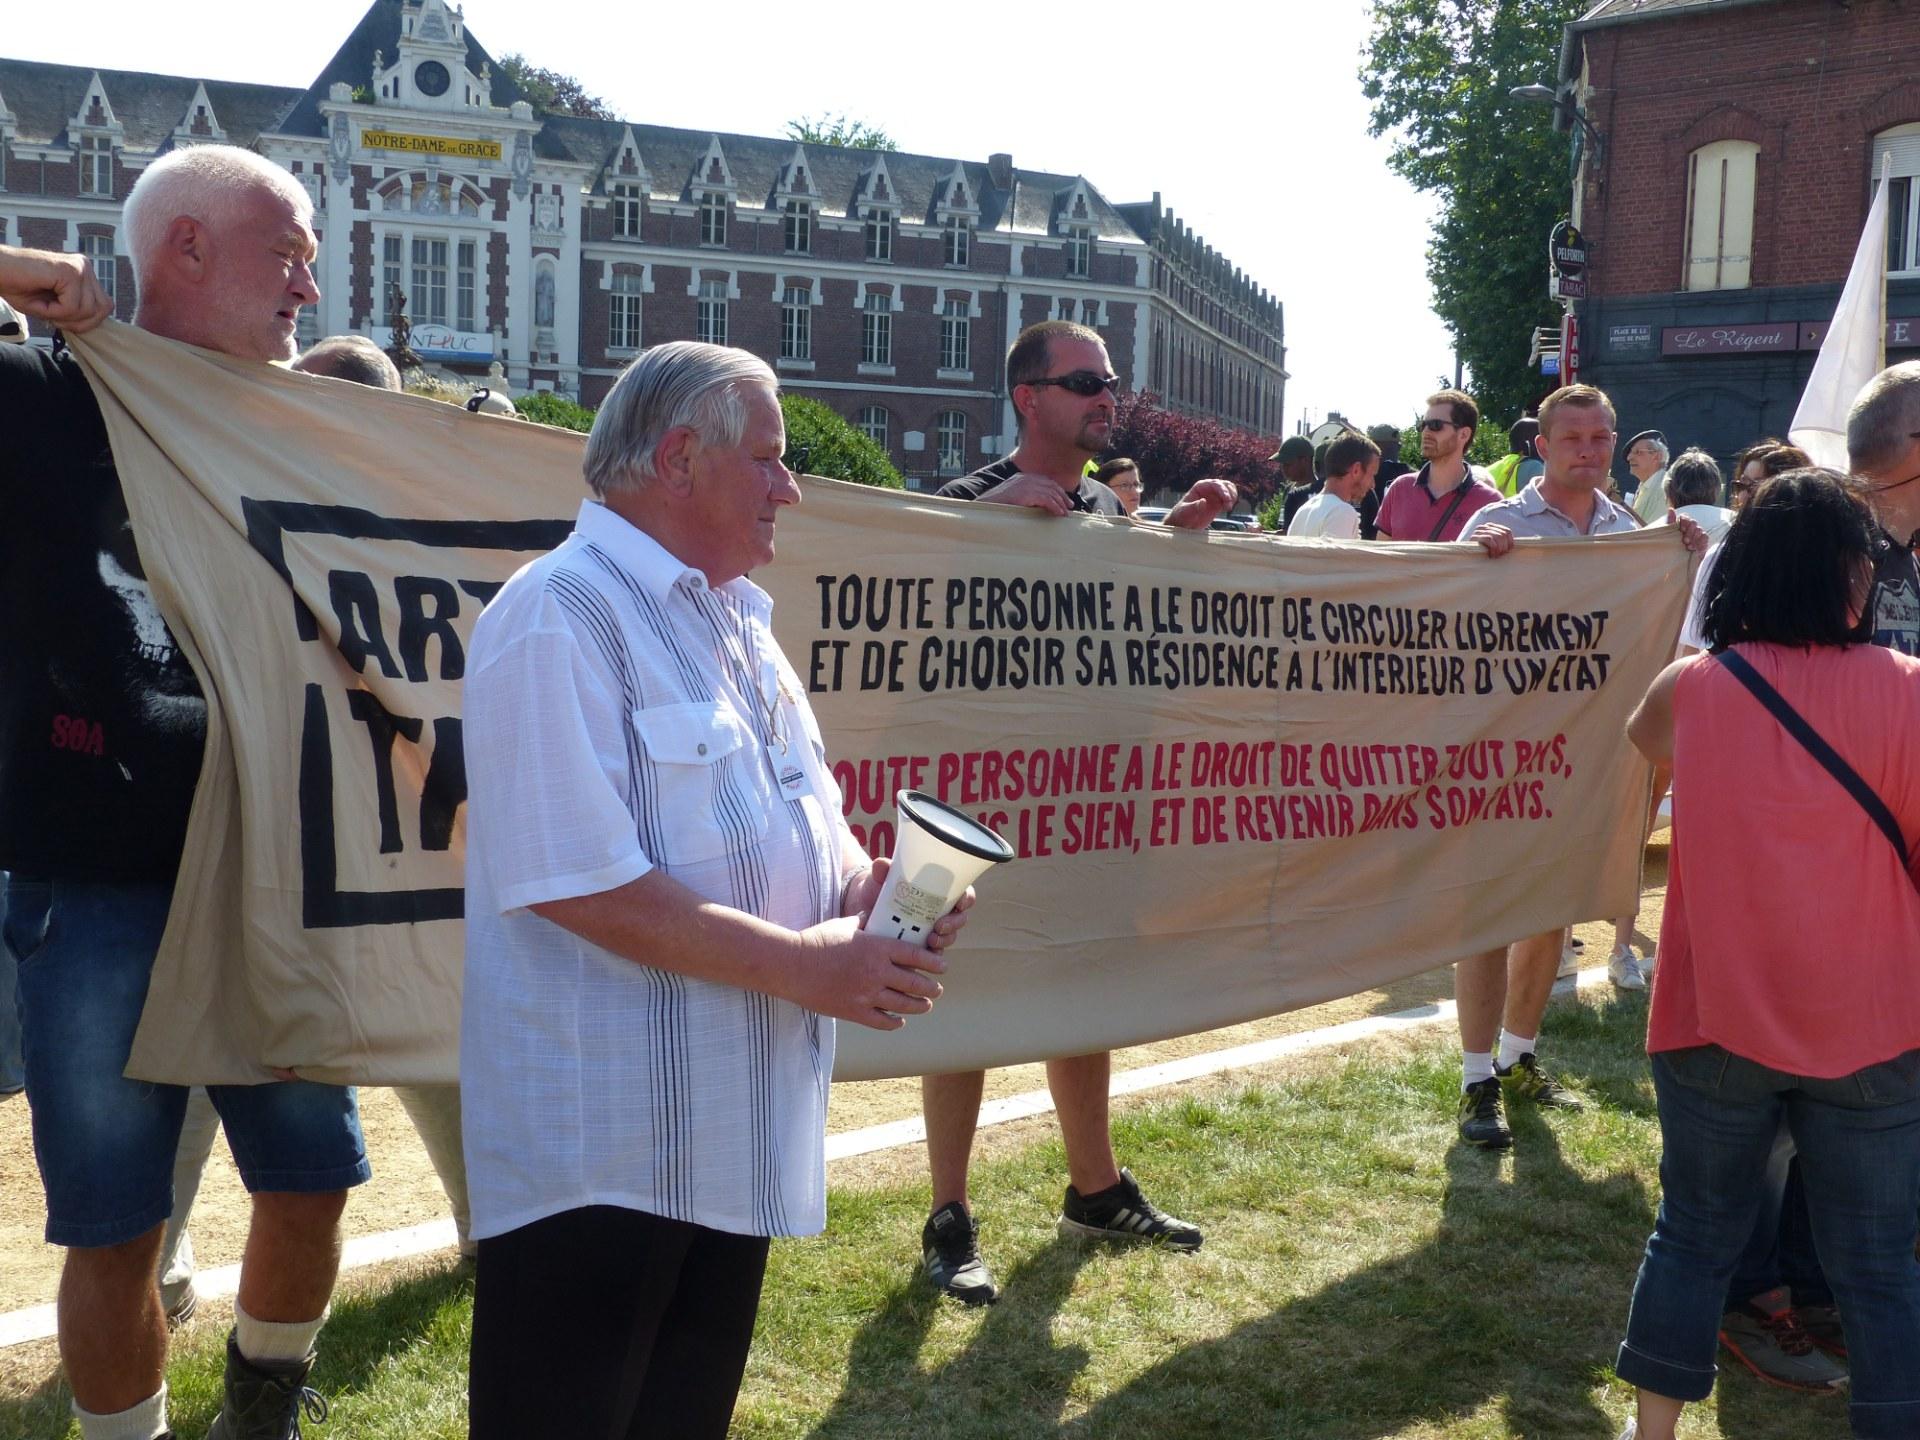 20181028 Marche Solidaire etape Cambrai (6)